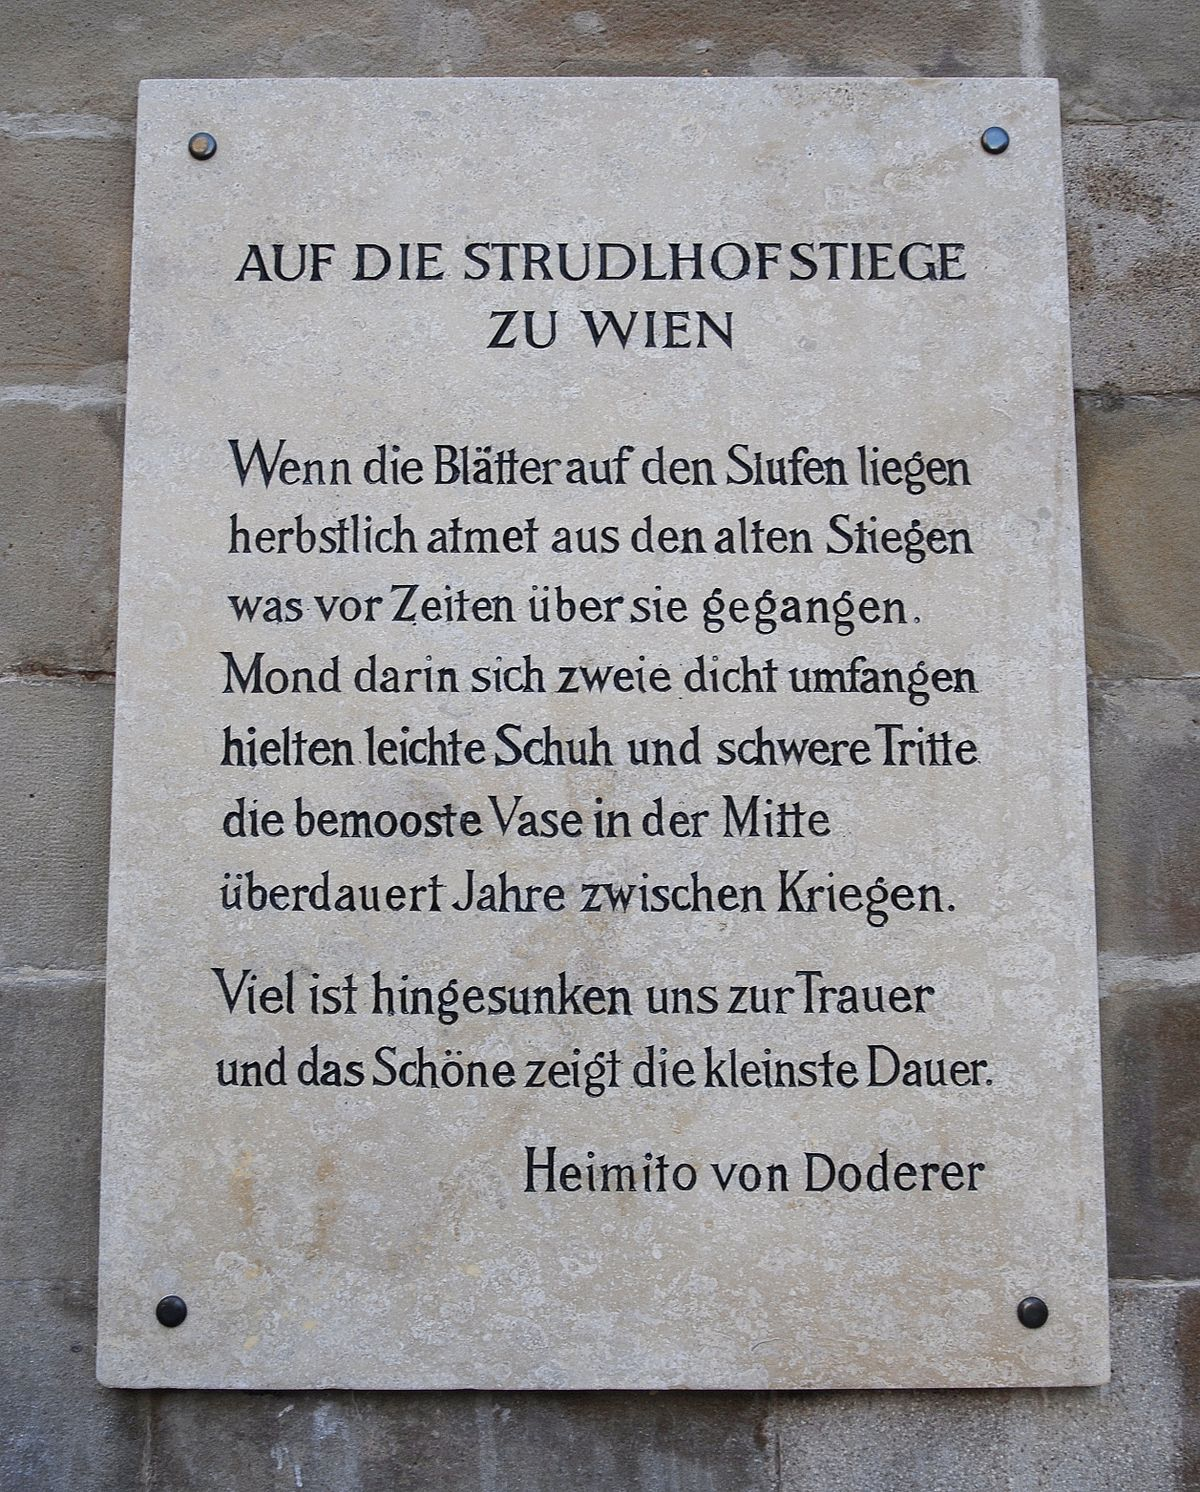 Auf die Strudlhoftsiege zu Wien.jpg